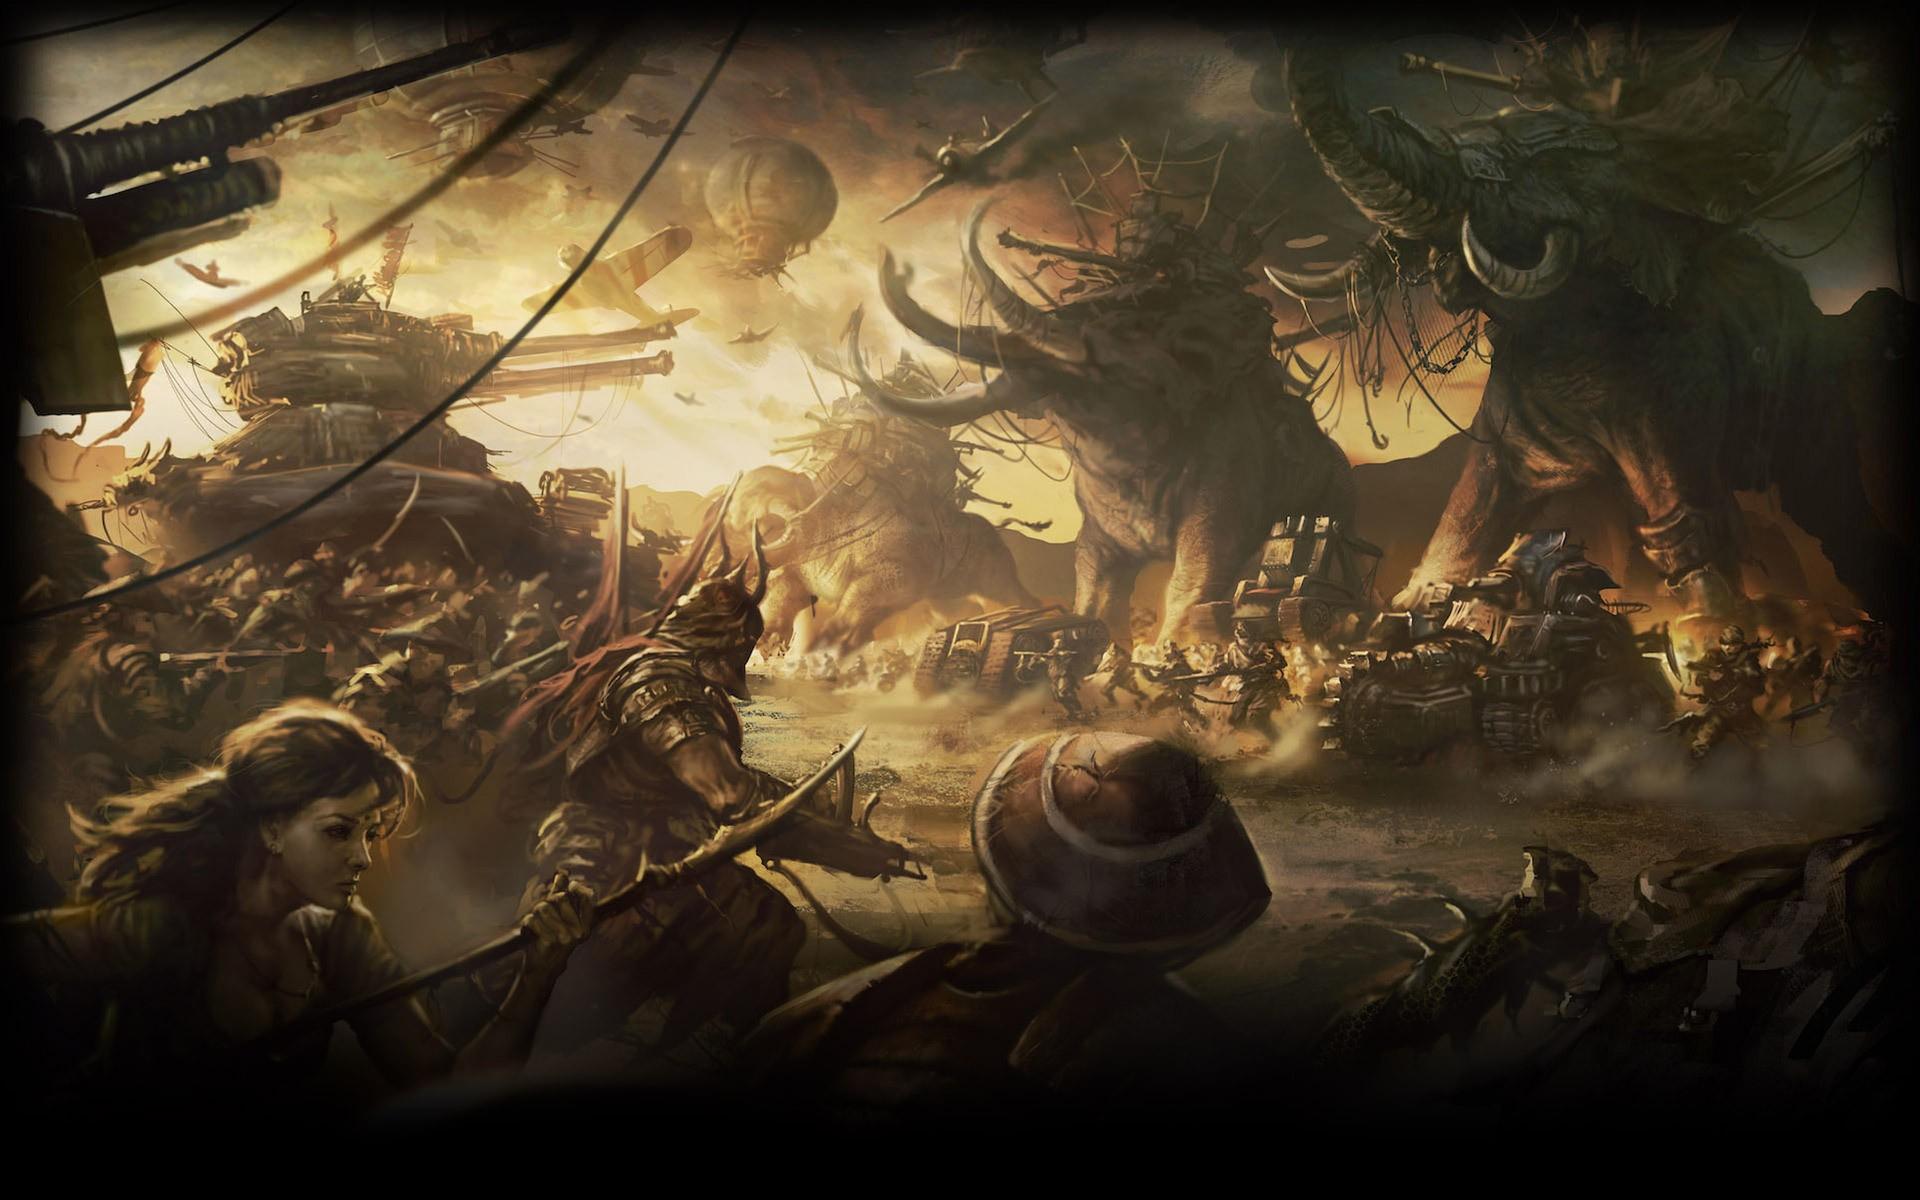 War background